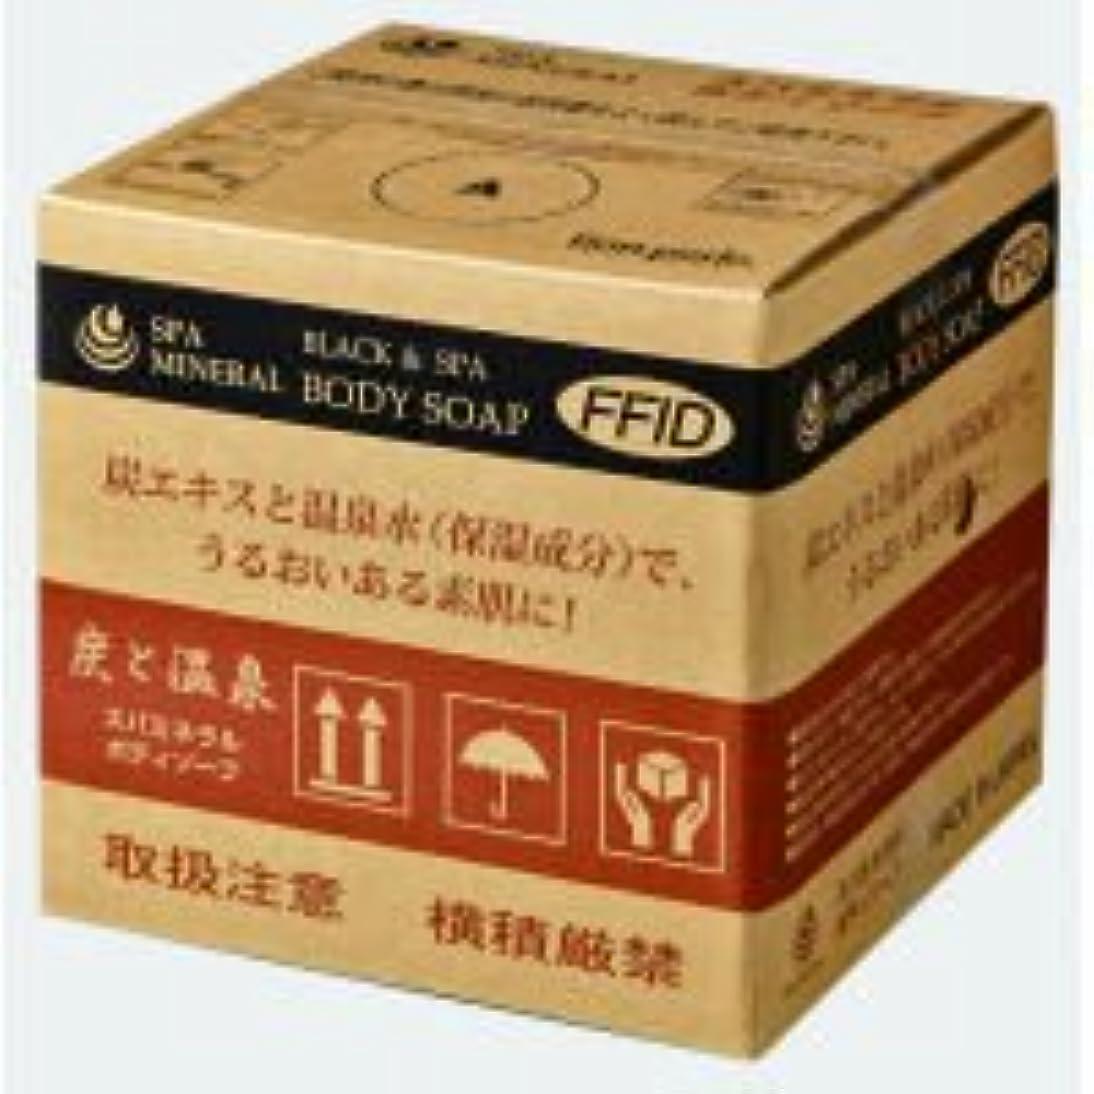 隠す繊毛インタネットを見るスパミネラル 炭ボディソープ 20kg 詰替用